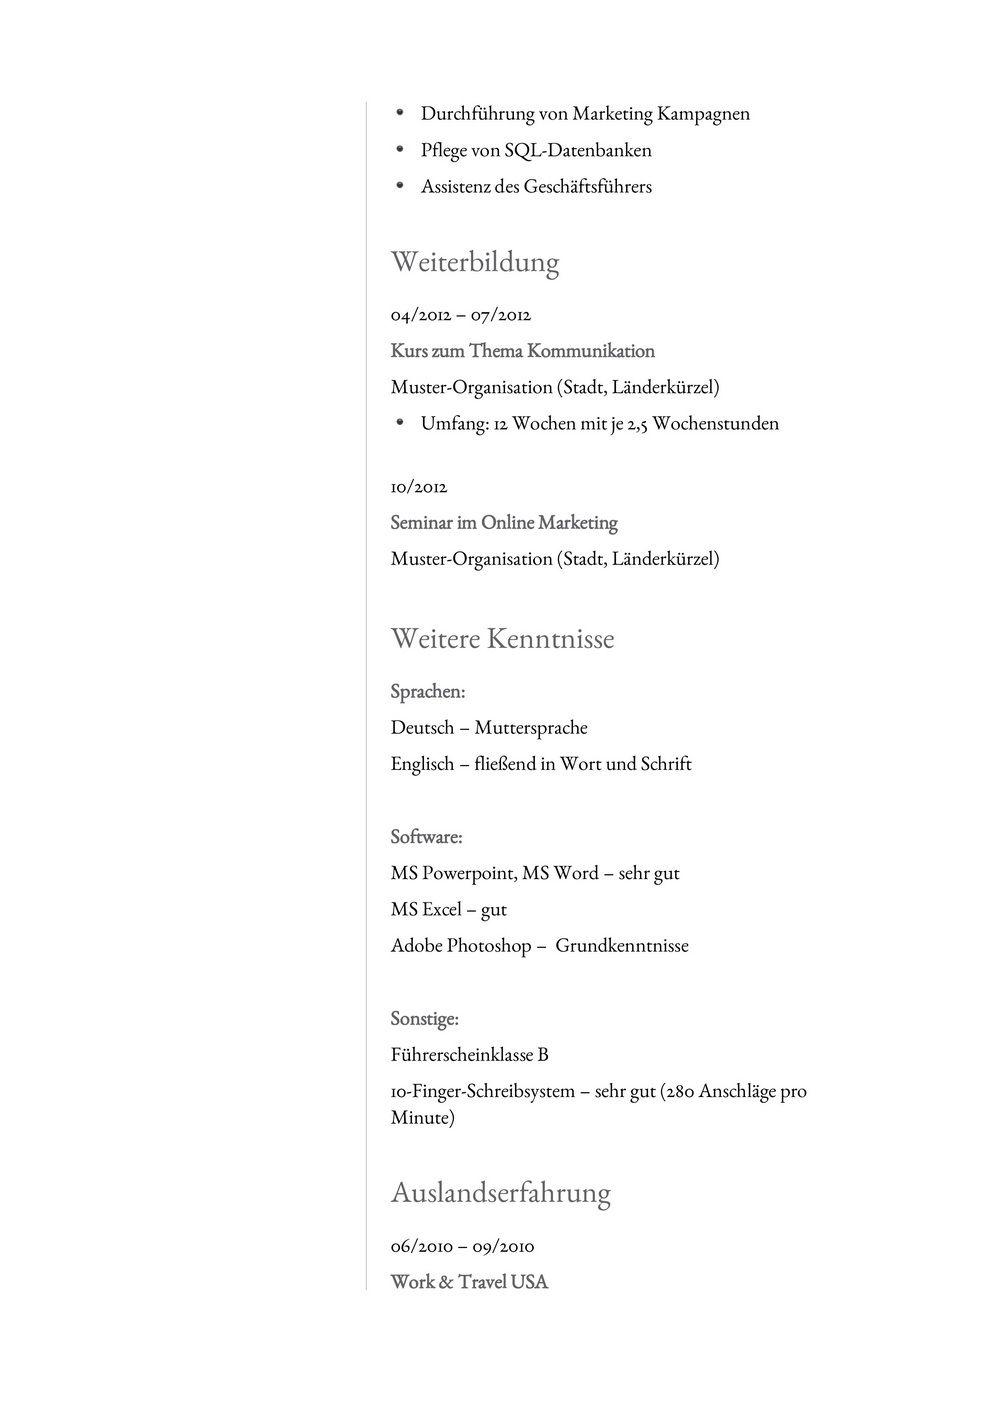 Lebenslauf Muster für Analyst | Lebenslauf Designs